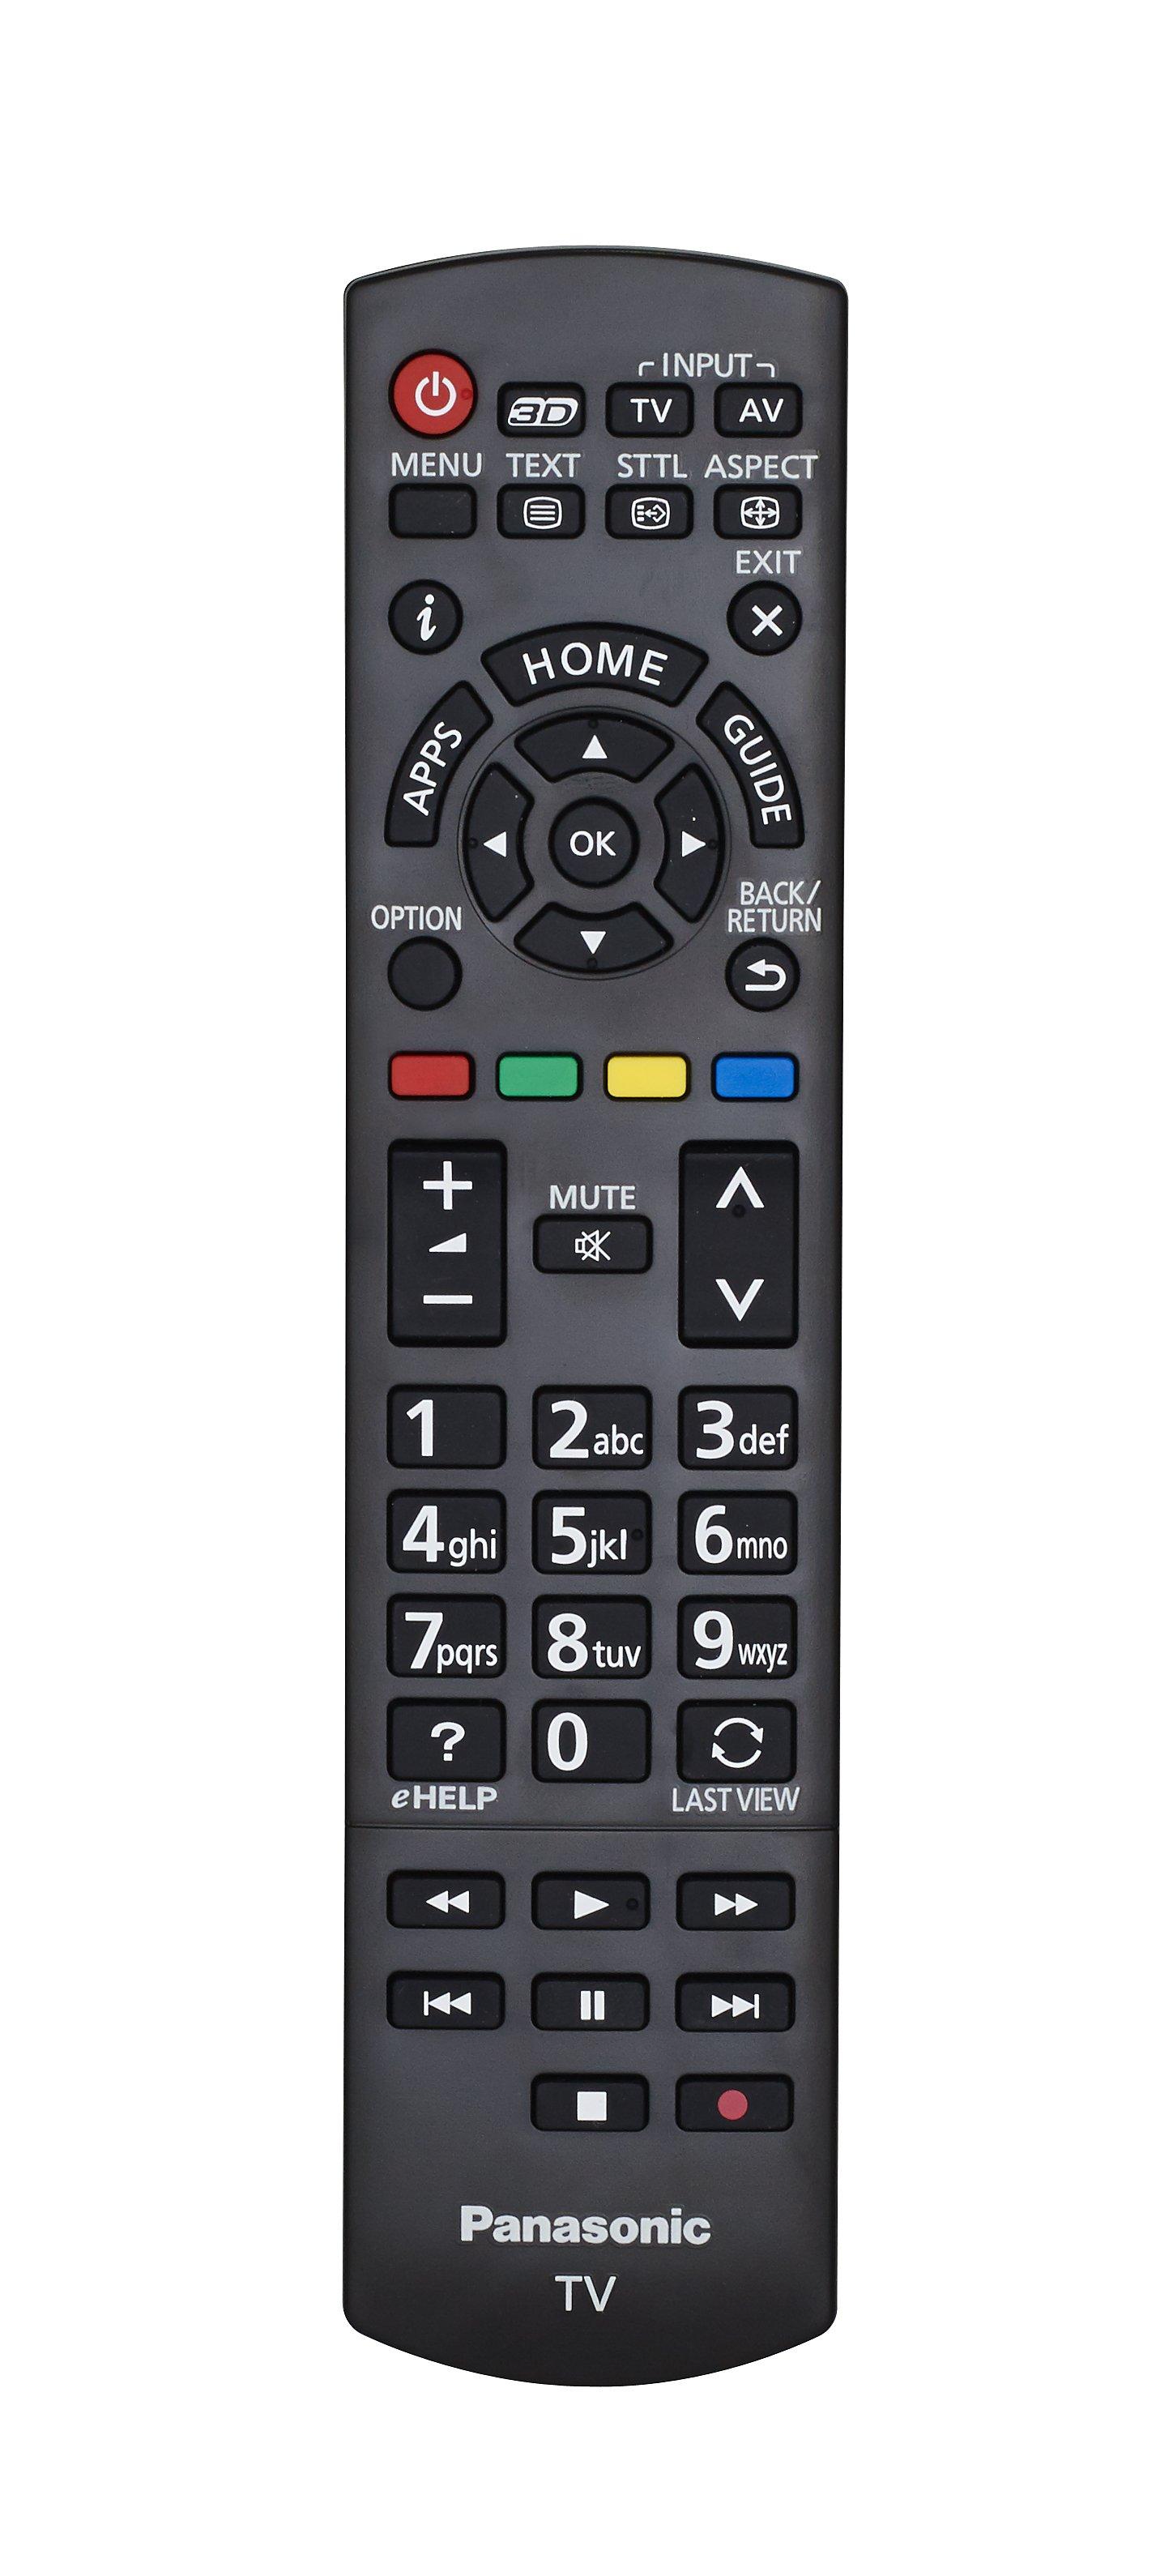 Panasonic Viera TX-42AS650B review (TX-47AS650B, TX-50AS650B